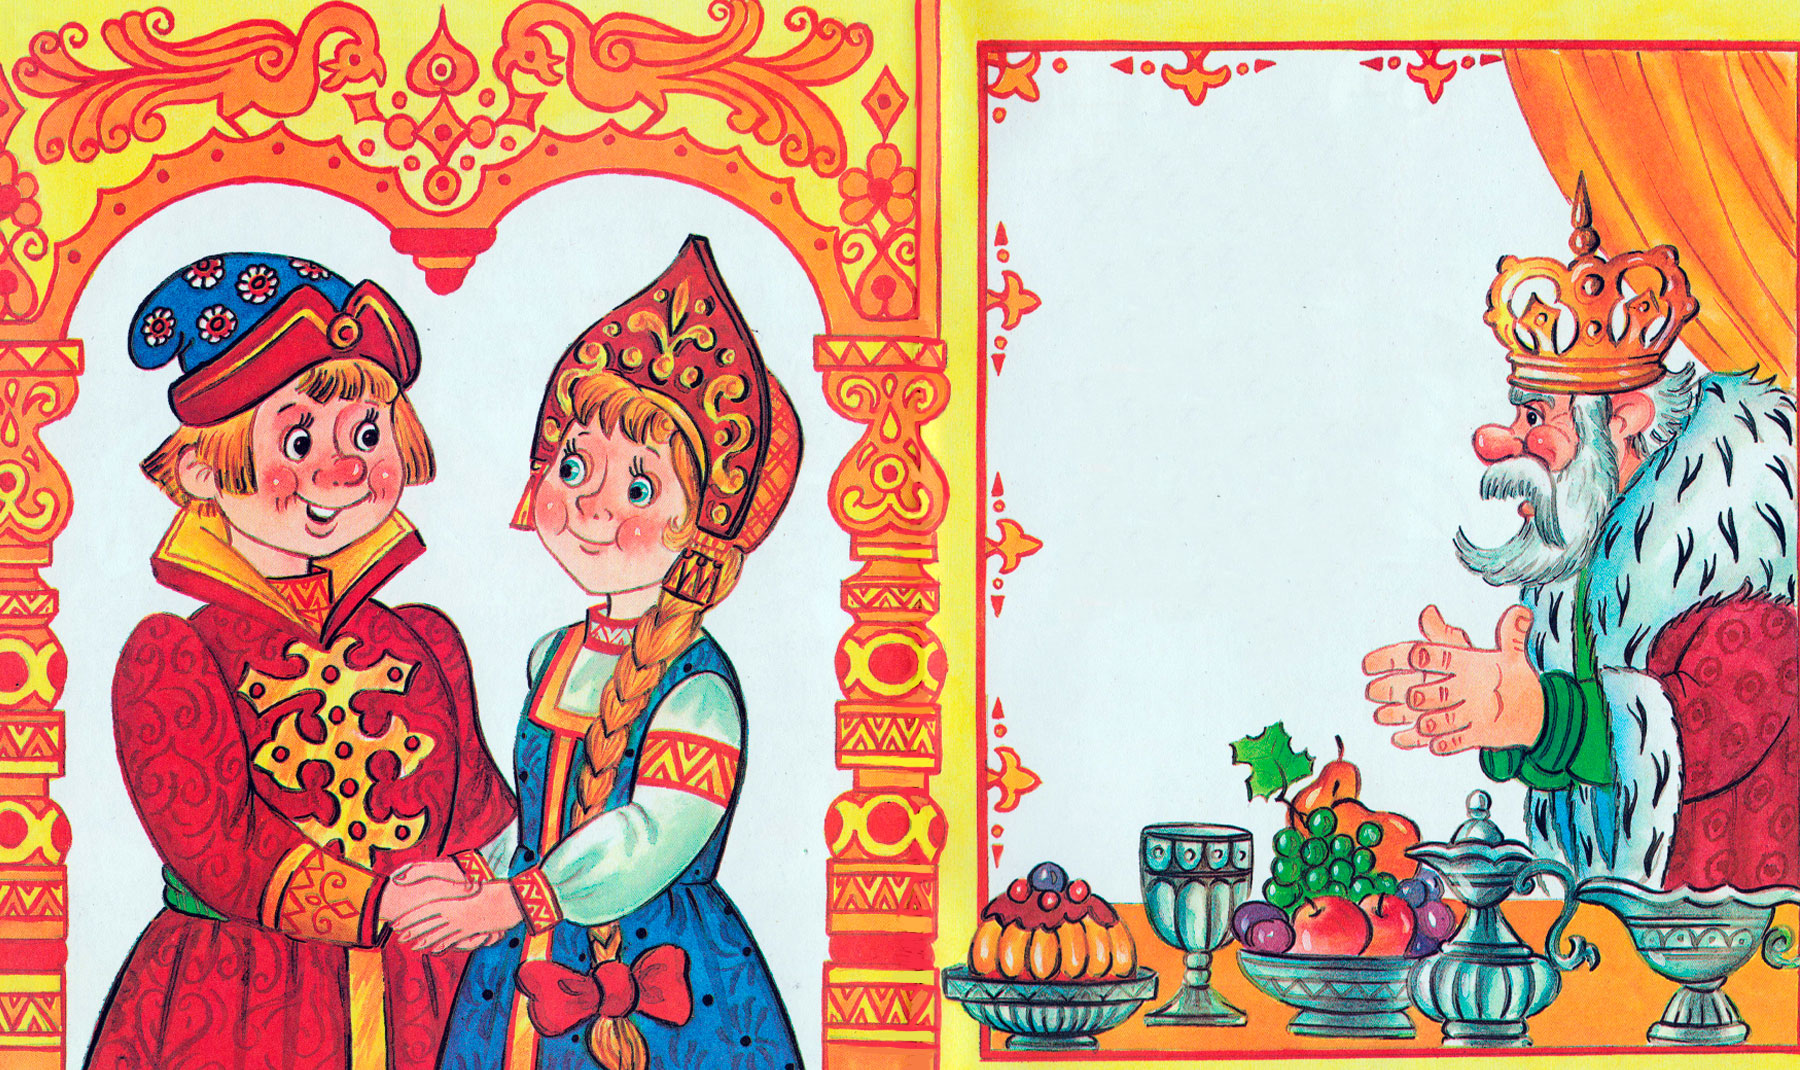 Картинка царевна из сказки по щучьему веленью